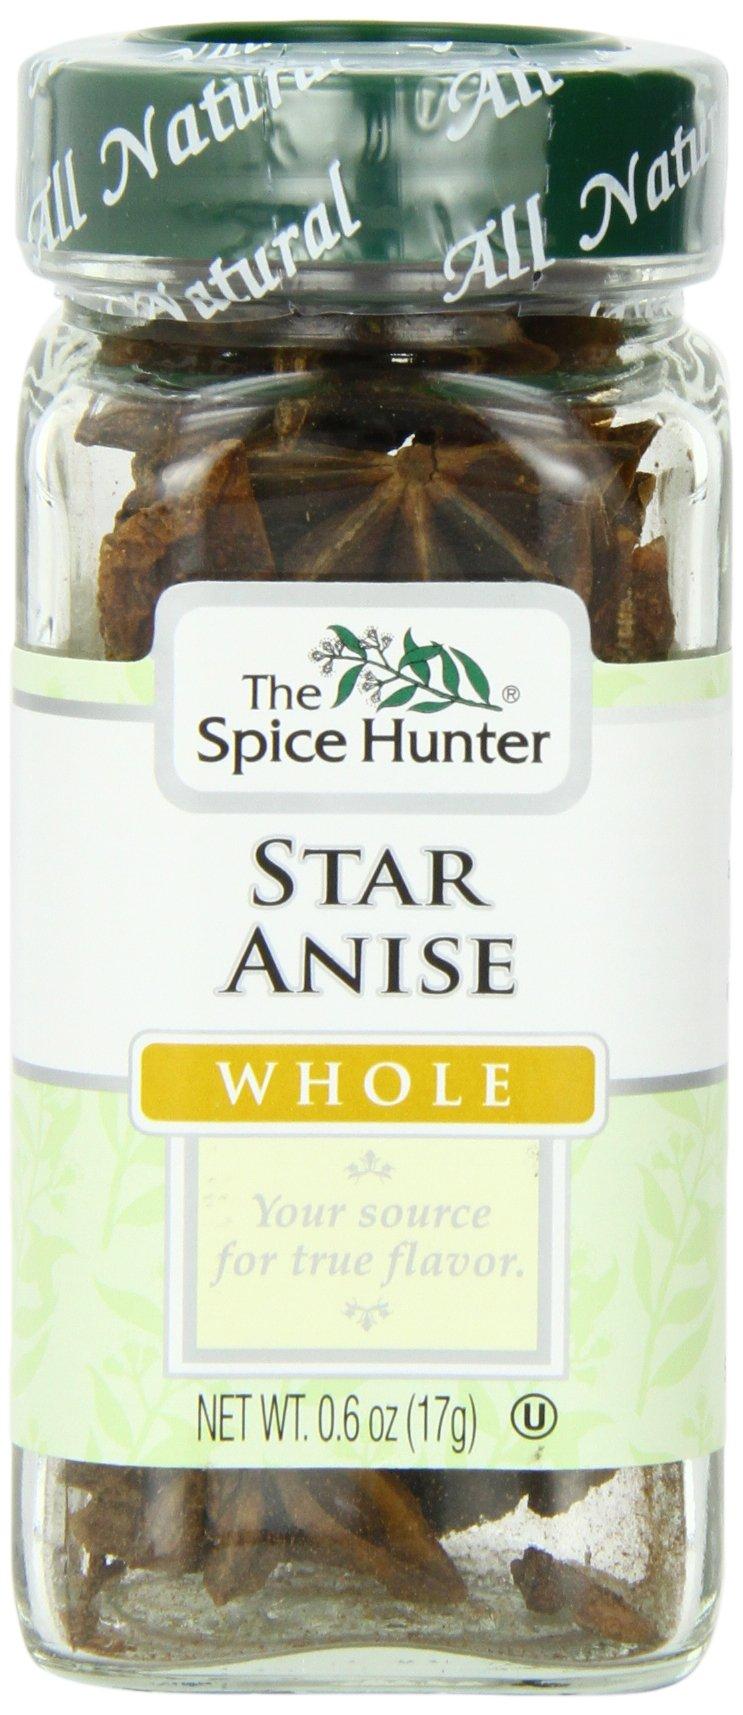 The Spice Hunter Star Anise, Whole, 0.6-Ounce Jar